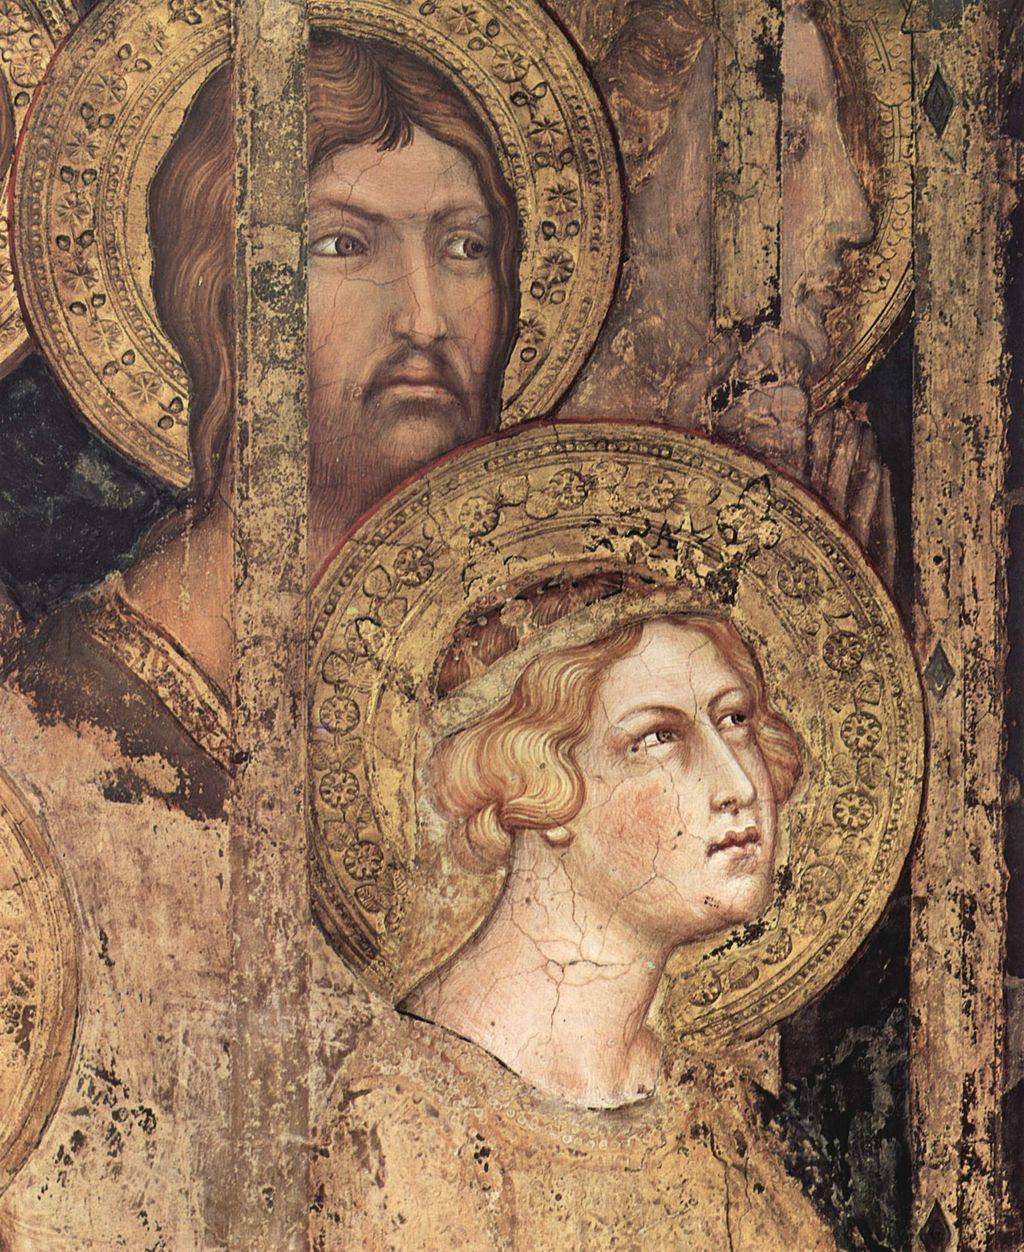 Simone Martini, Maestà, particolare (Madonna with Angels and Saints, detail), 1312 - 1315, Palazzo Pubblico, Siena